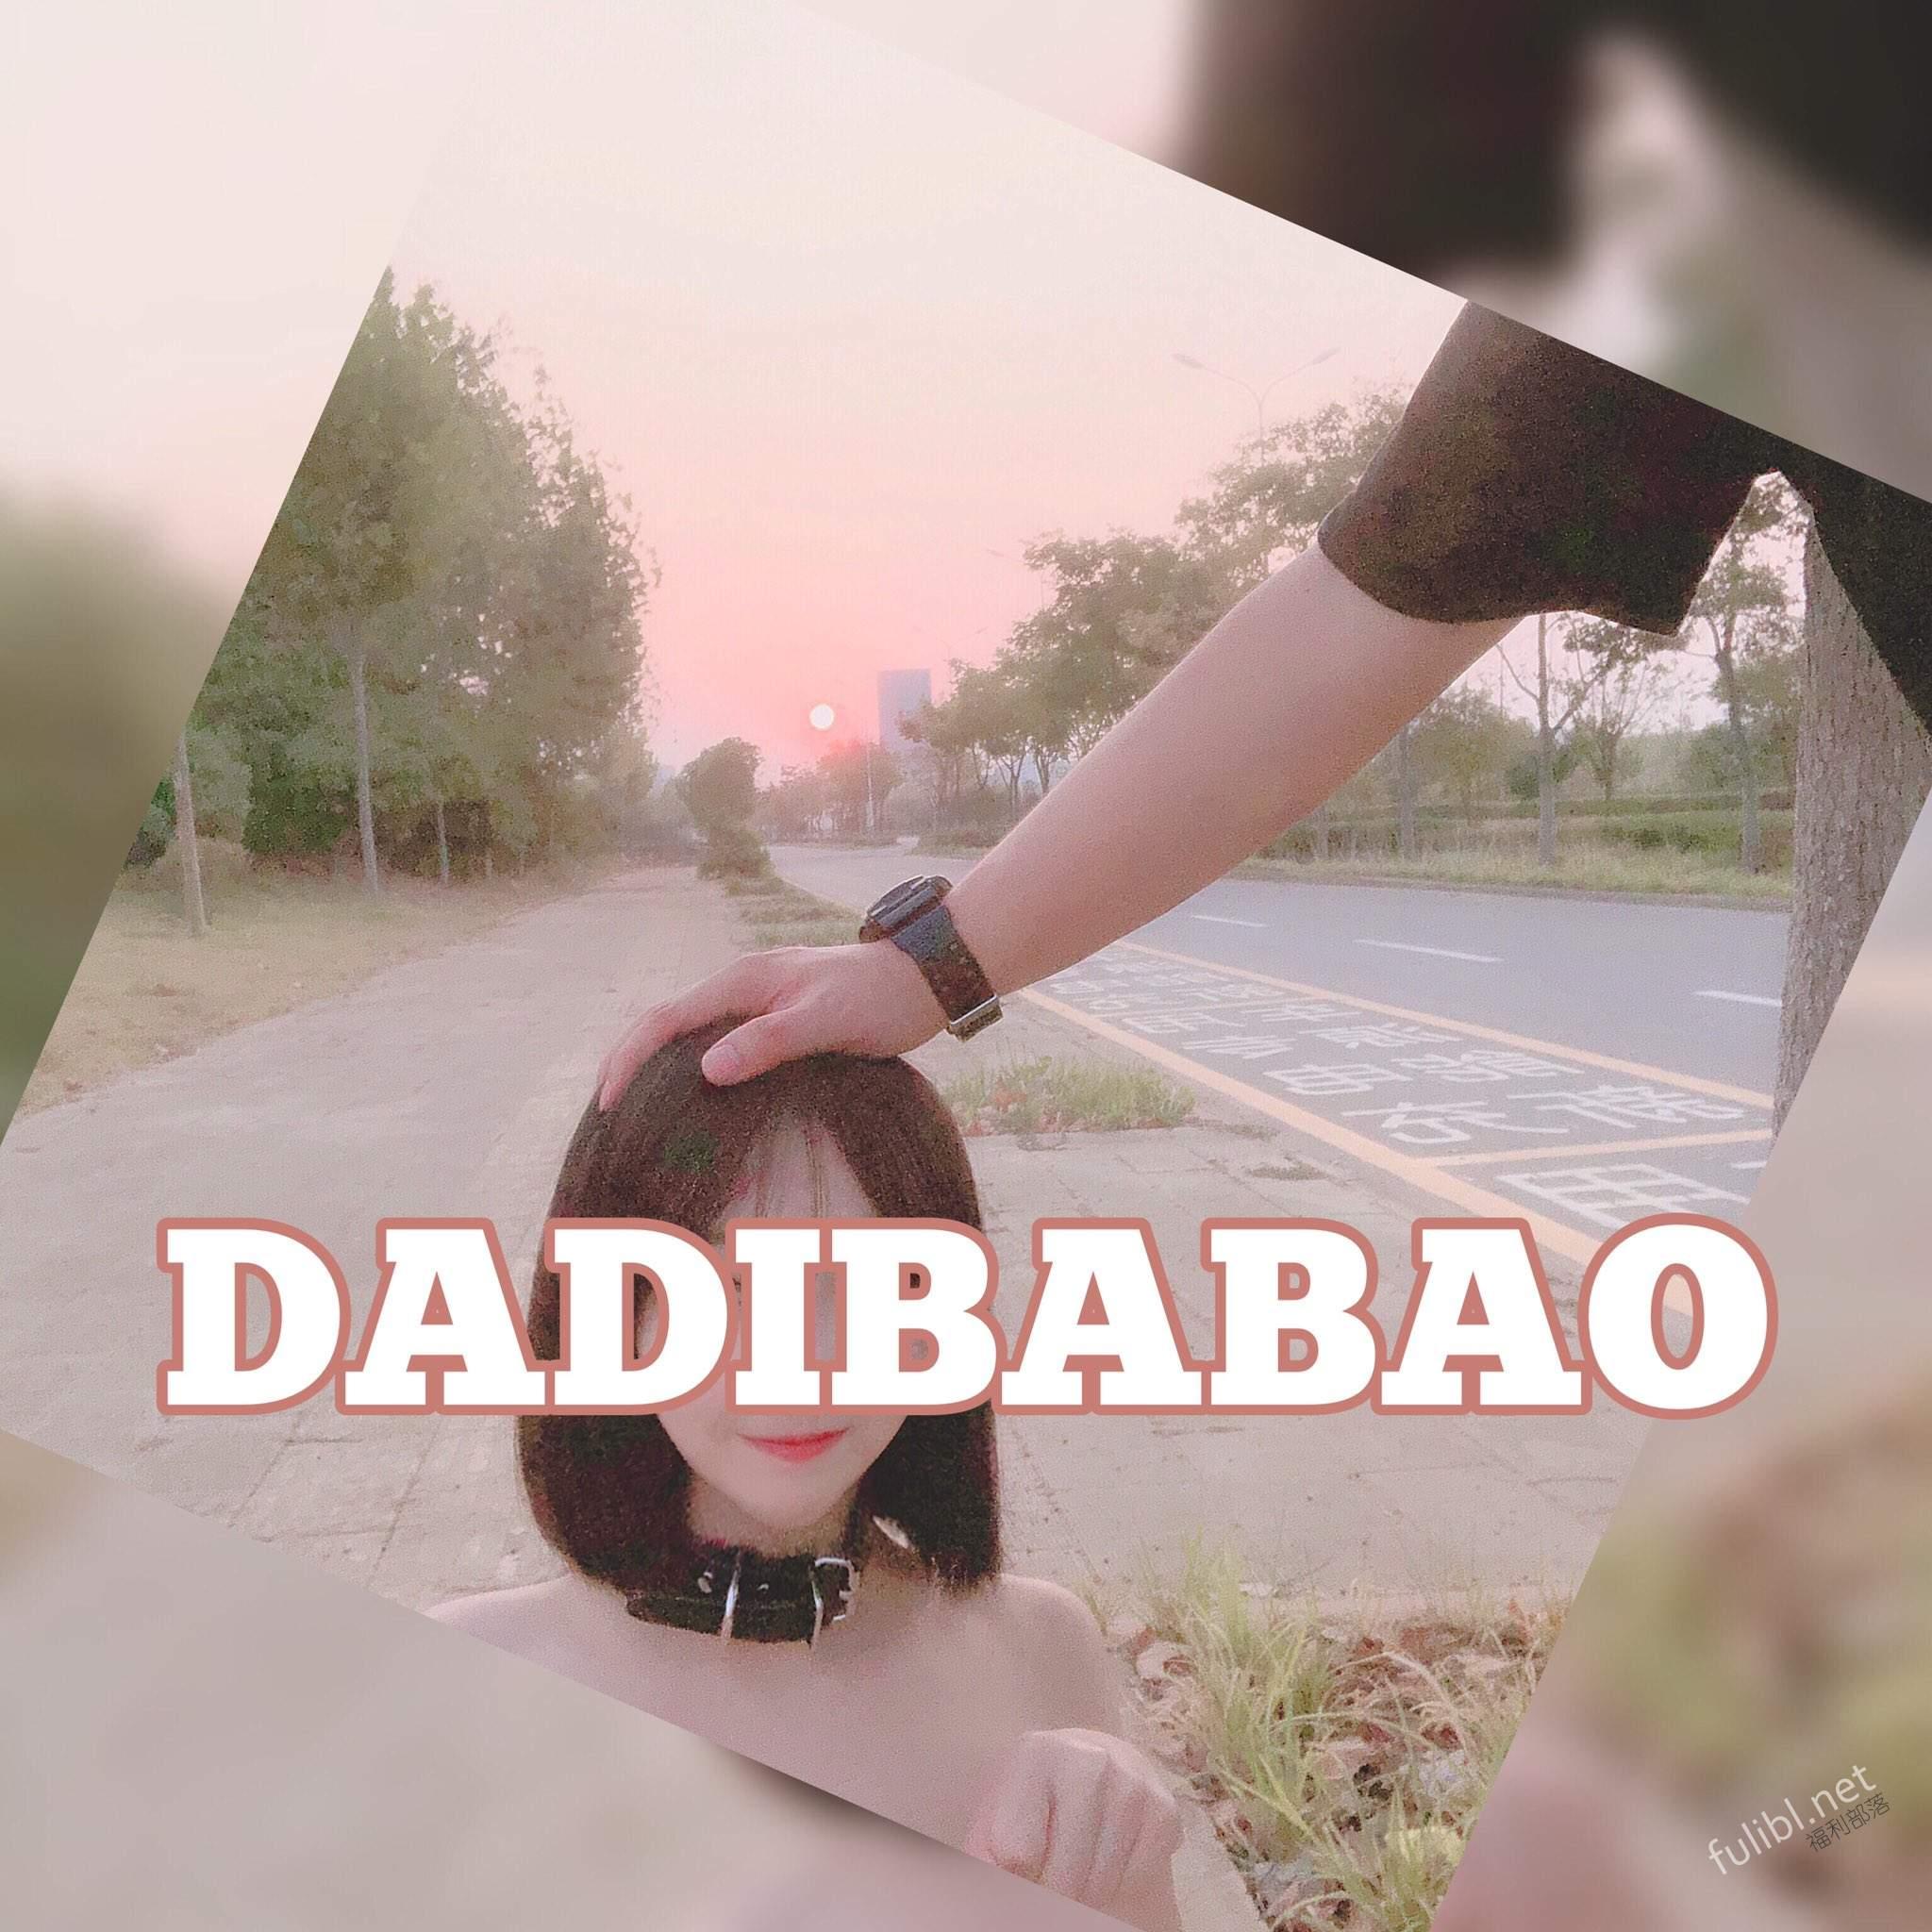 美人鹿出姬:DADIBABAO一只喔!神级鹿出作品大合集!